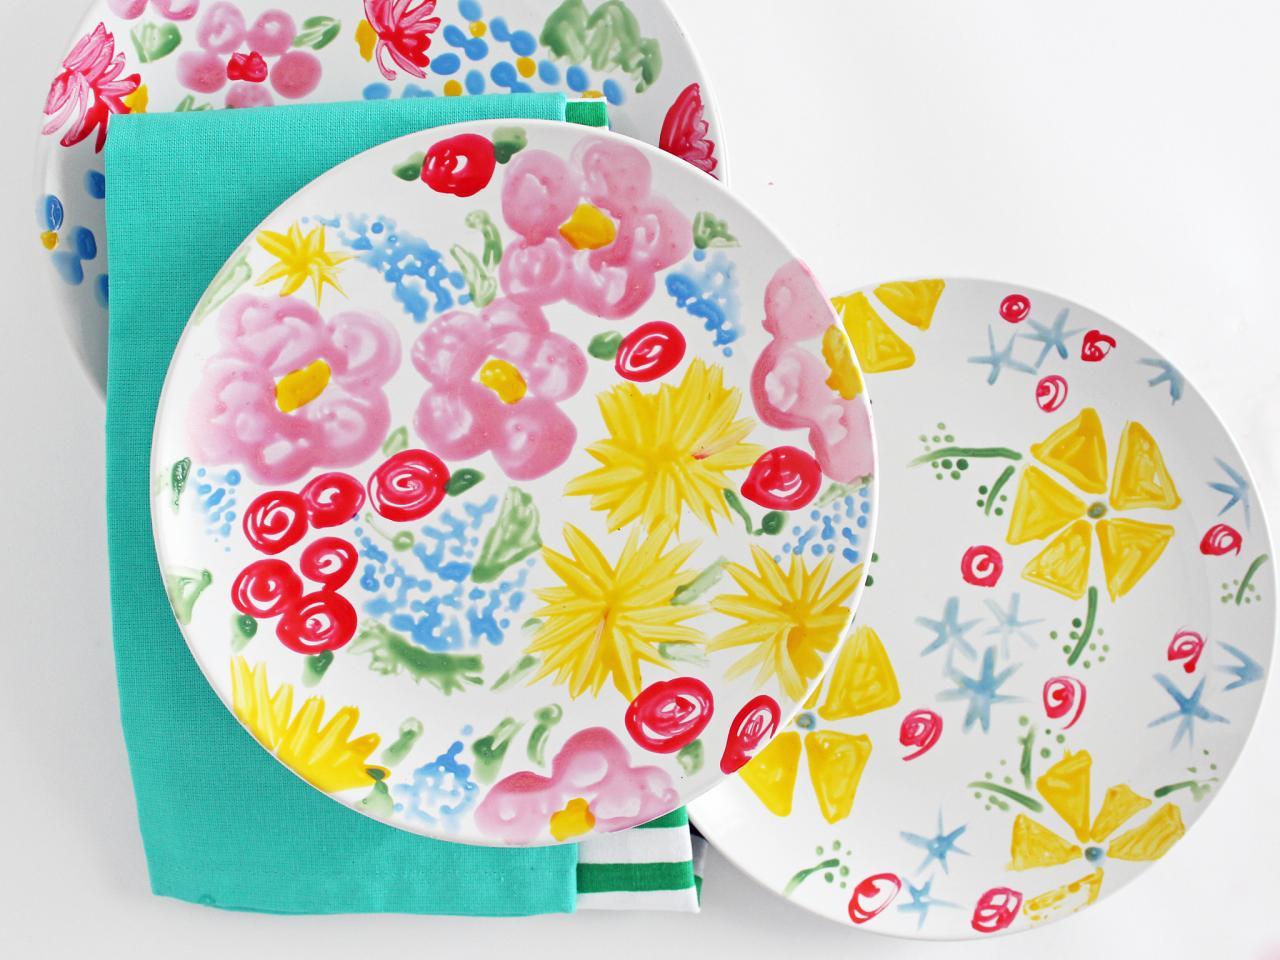 صور اطباق ملونة للتقديم 2016 اطباق سفرة (1)